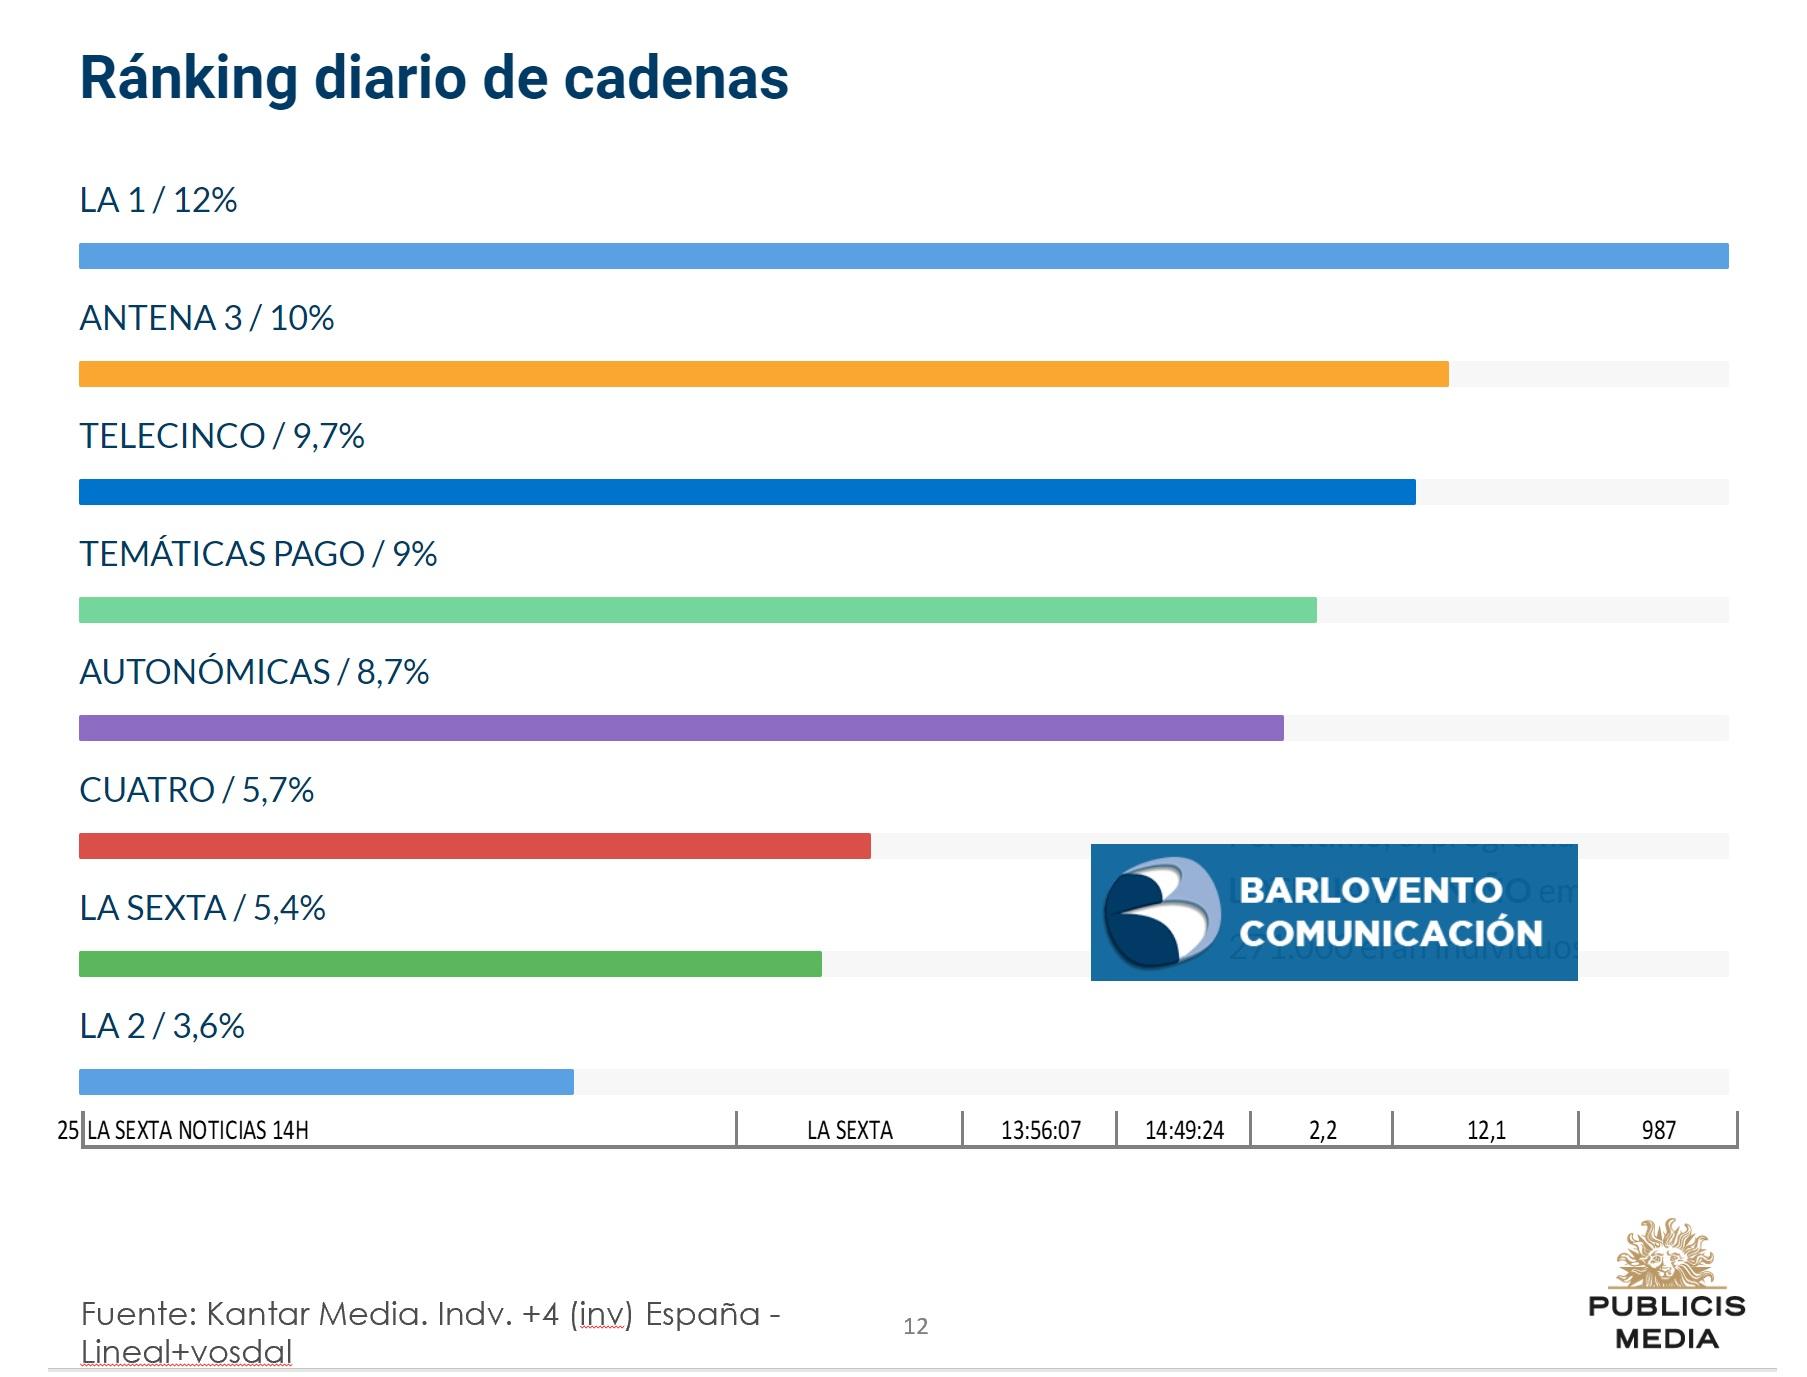 https://www.programapublicidad.com/wp-content/uploads/2020/01/ranking-diario-tv-barlovento-comunicación-6-enero-2020-programapublicidad.jpg